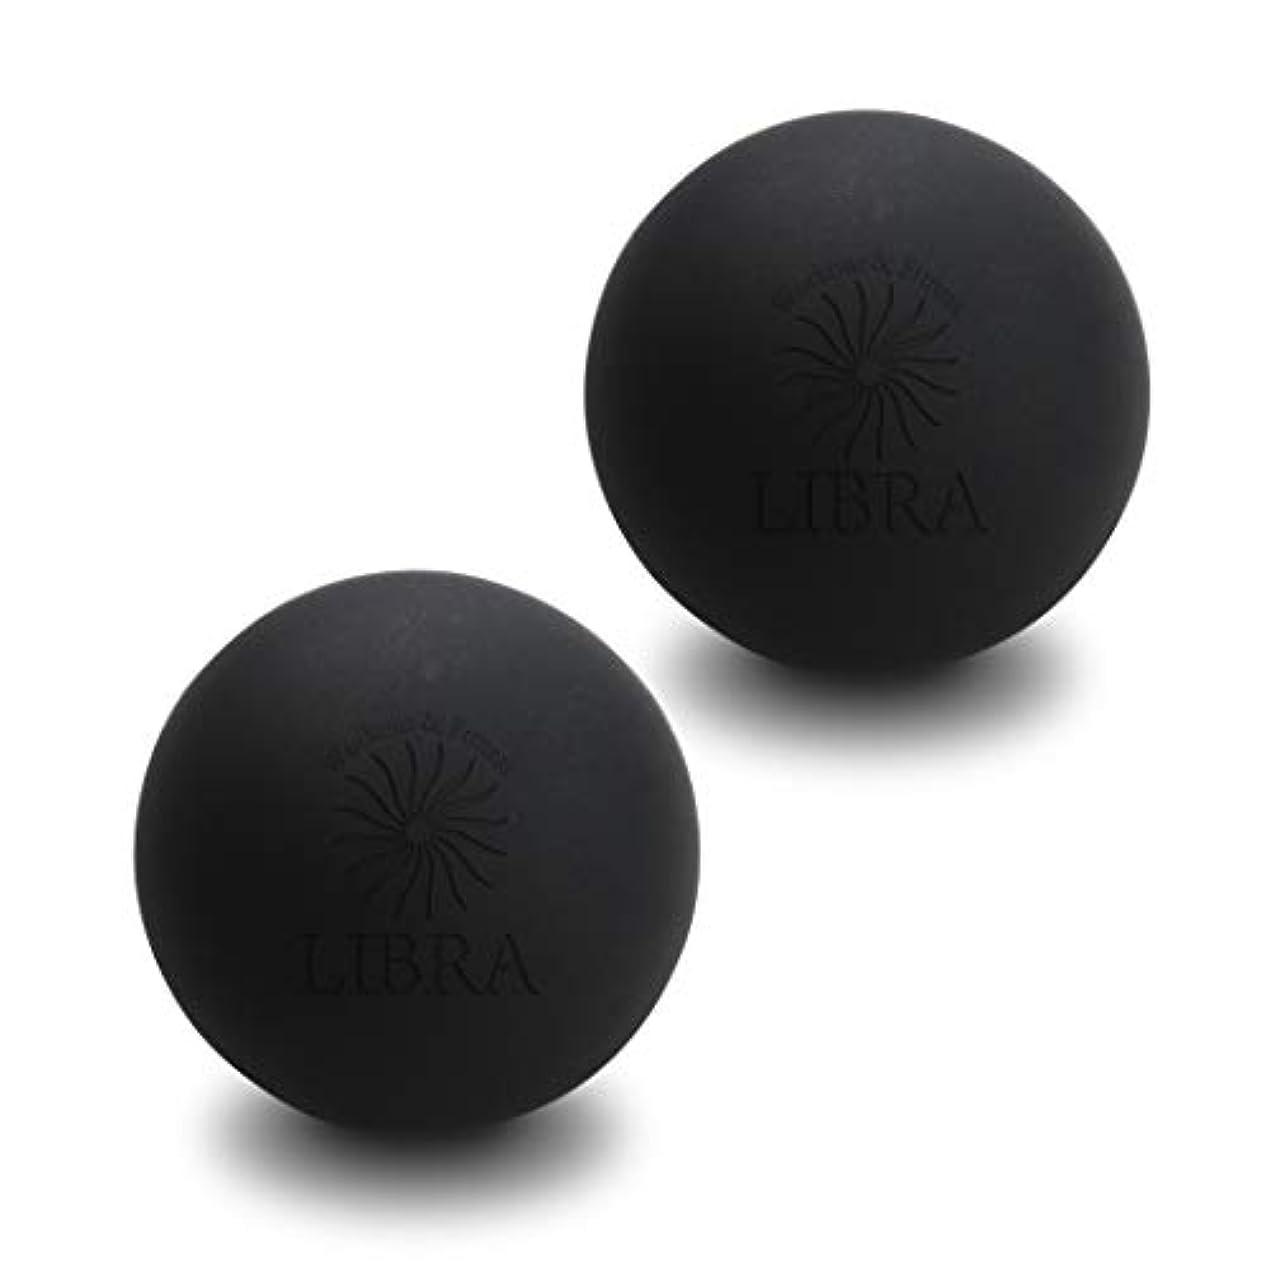 サーフィンオゾン刺激するマッサージボール ストレッチボール 筋膜リリース トリガーポイント [首/肩/背中/腰/ふくらはぎ/足裏] ツボ押し LIBRA